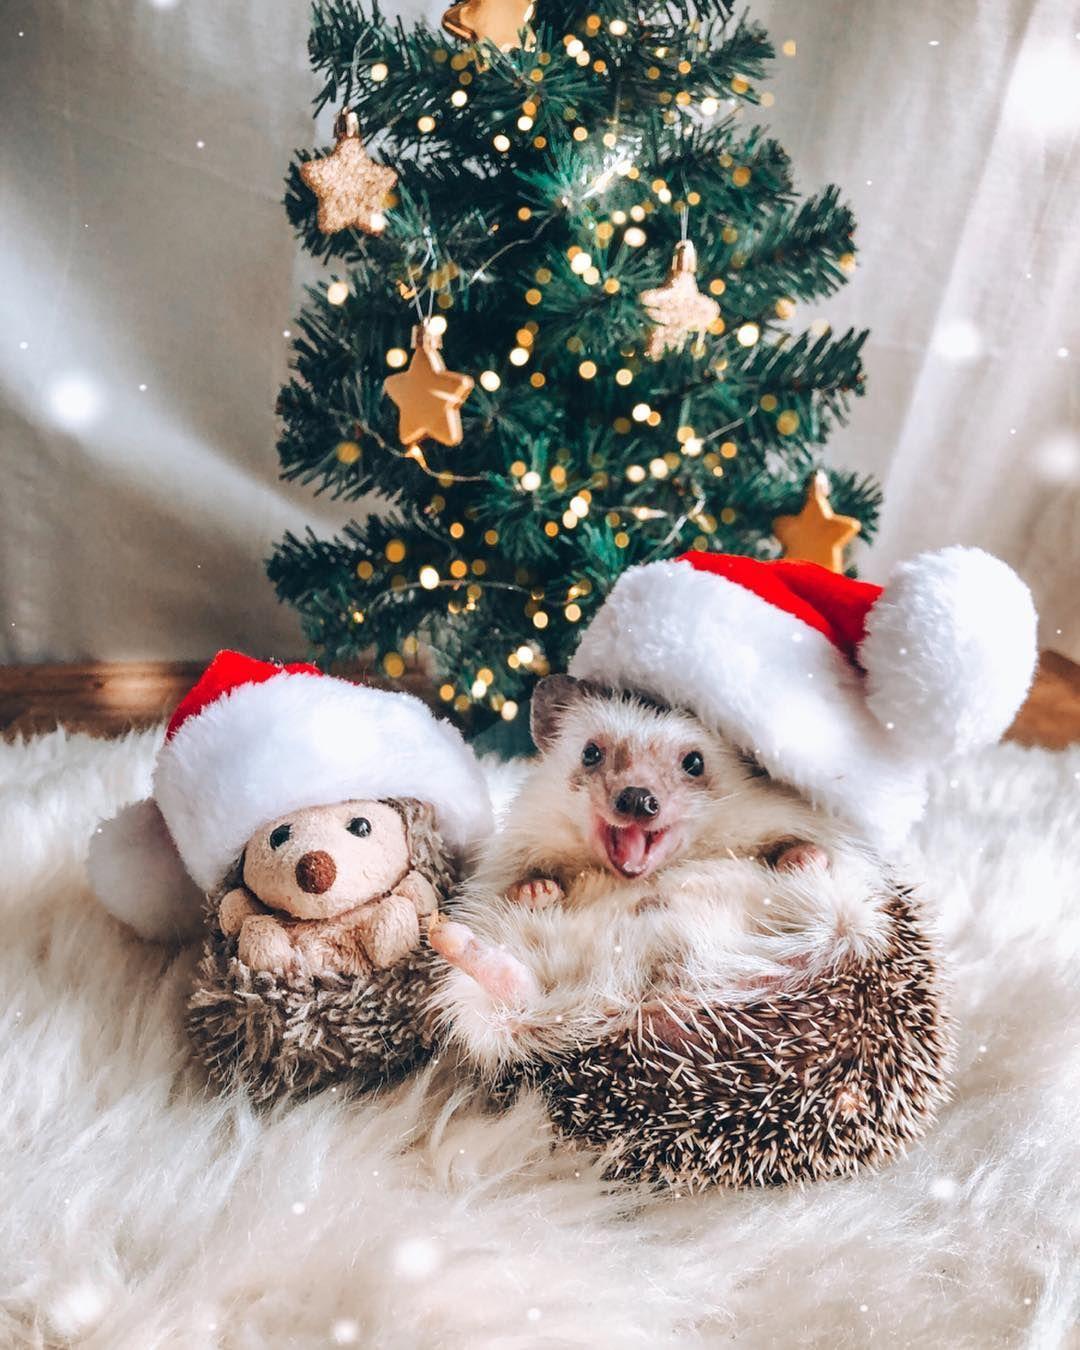 Fwtografia Hedgehog Kai Ena Beloydino Paixnidi Skantzoxoiros Sta Xristoygenniatika Kalymmata Briskonta Christmas Animals Cute Little Animals Cute Animal Photos